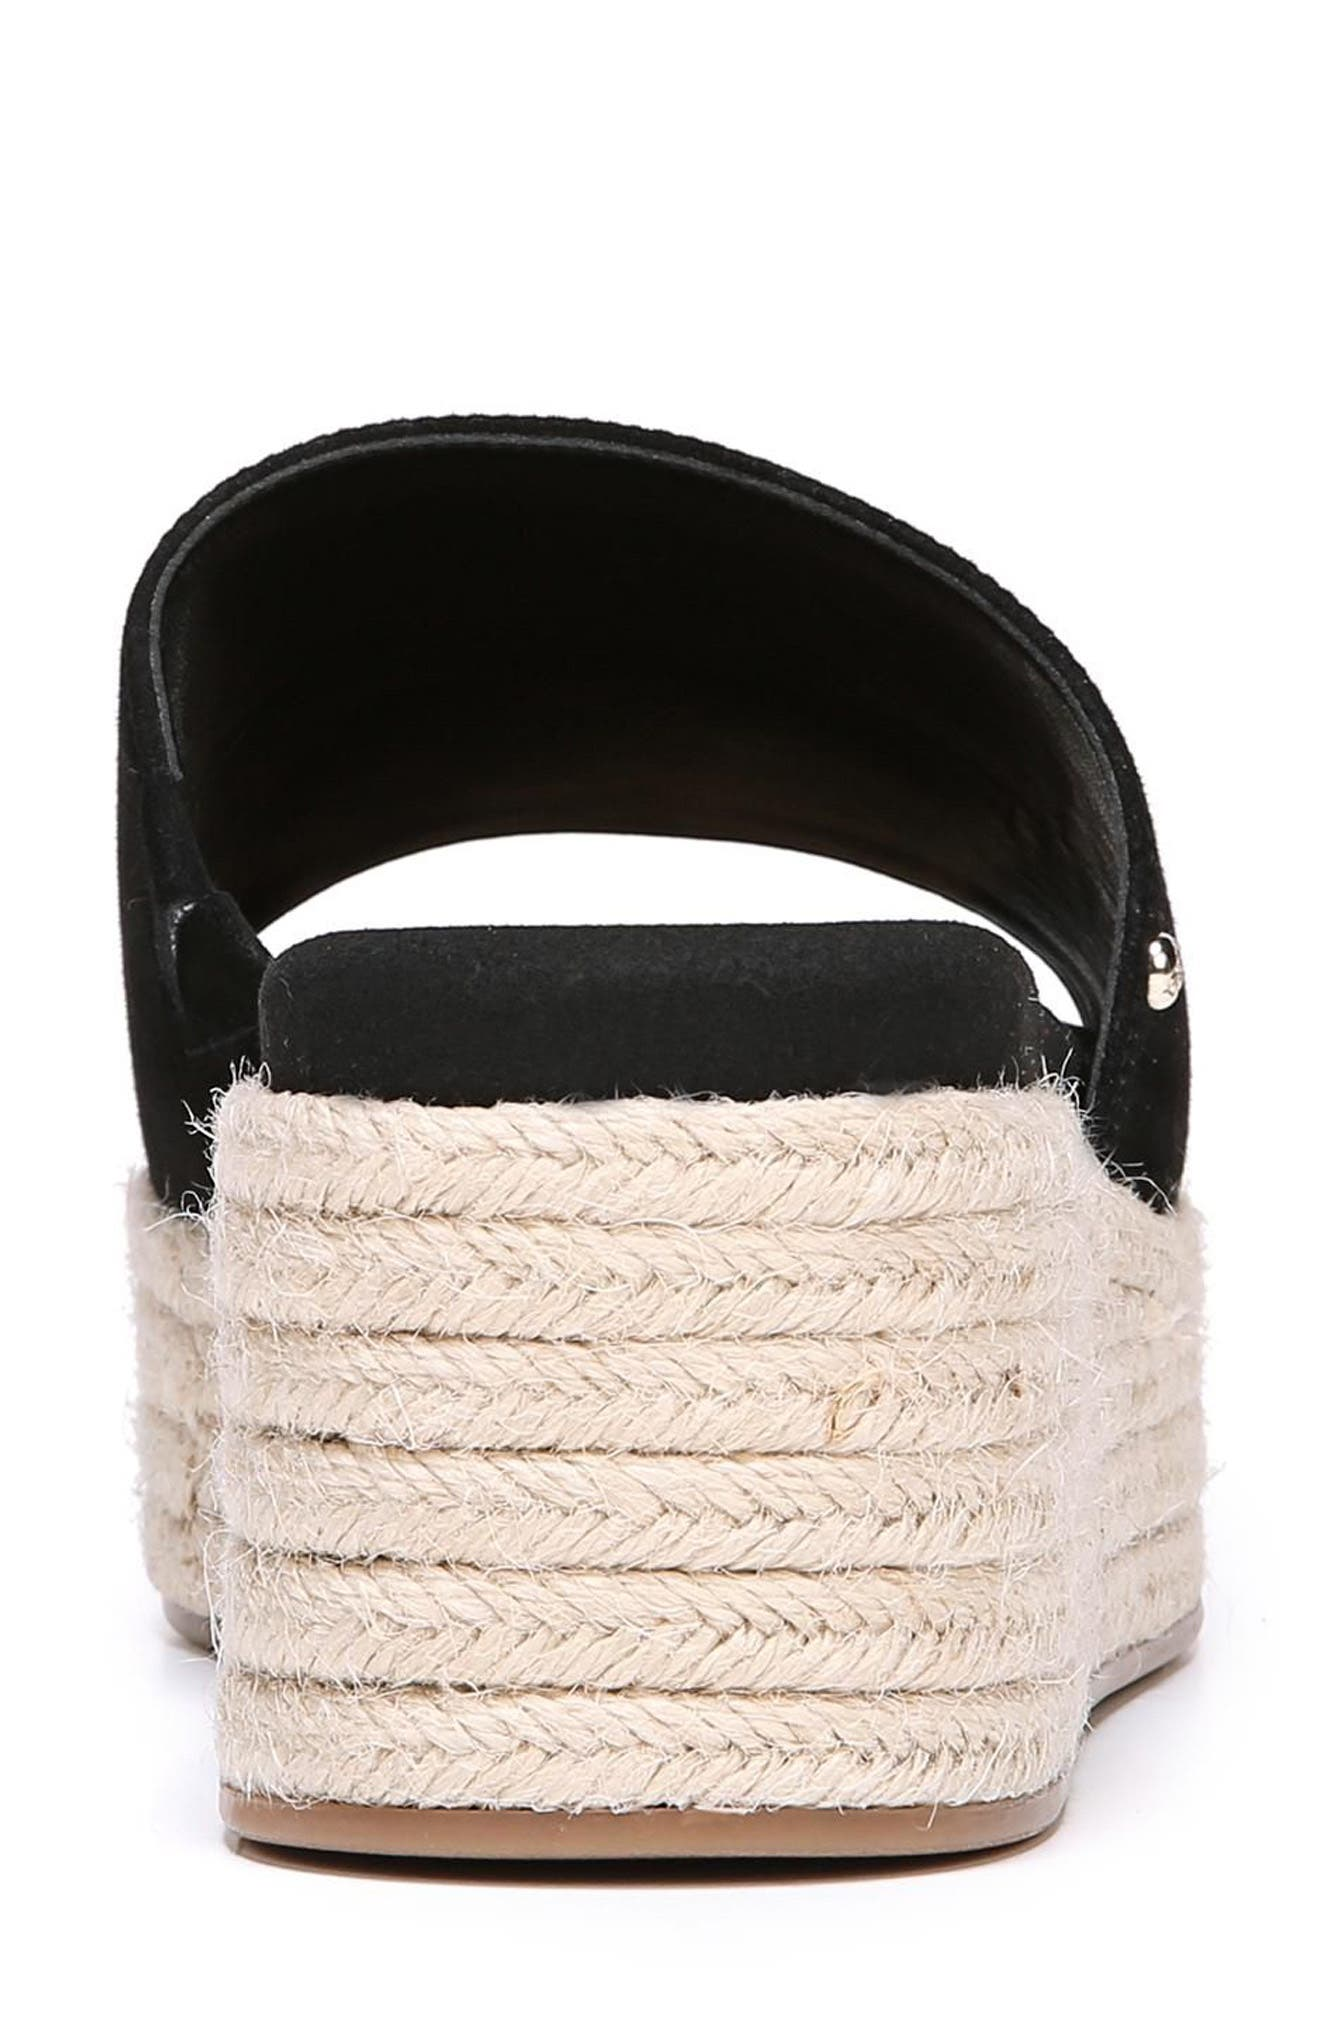 Weslee Platform Slide Sandal,                             Alternate thumbnail 8, color,                             BLACK SUEDE